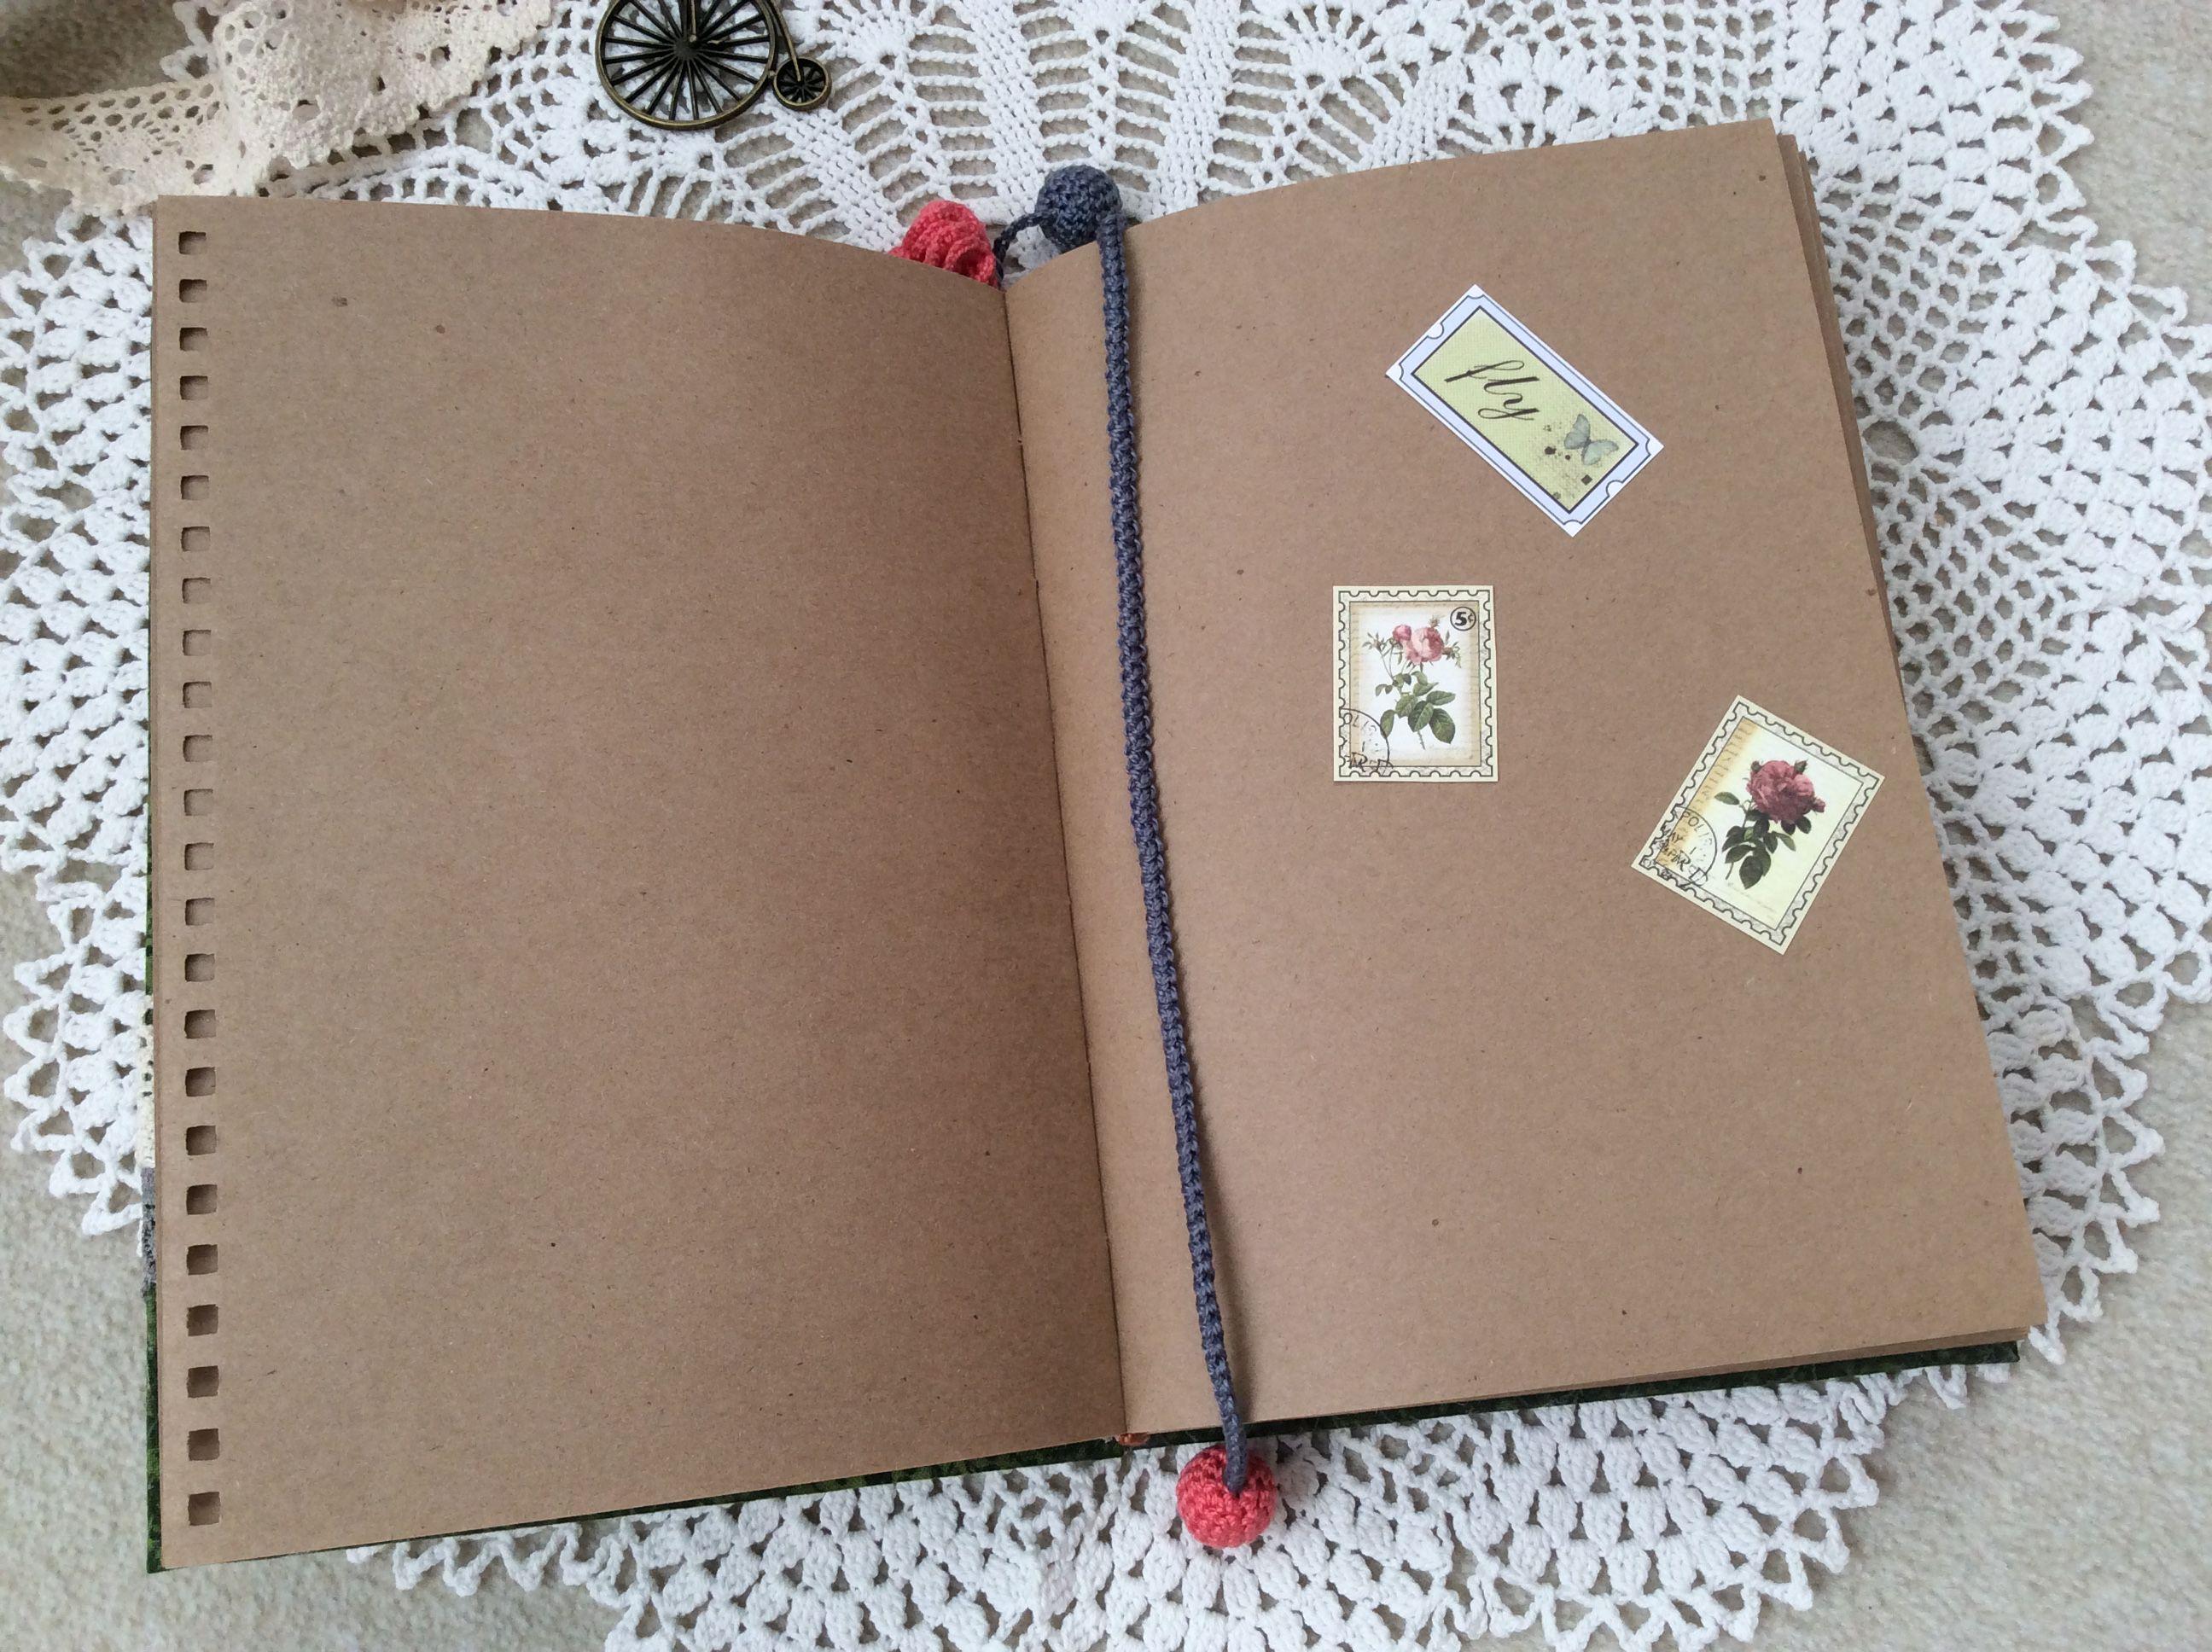 работы блокнот ручной подарки с блокноты нуля практичные